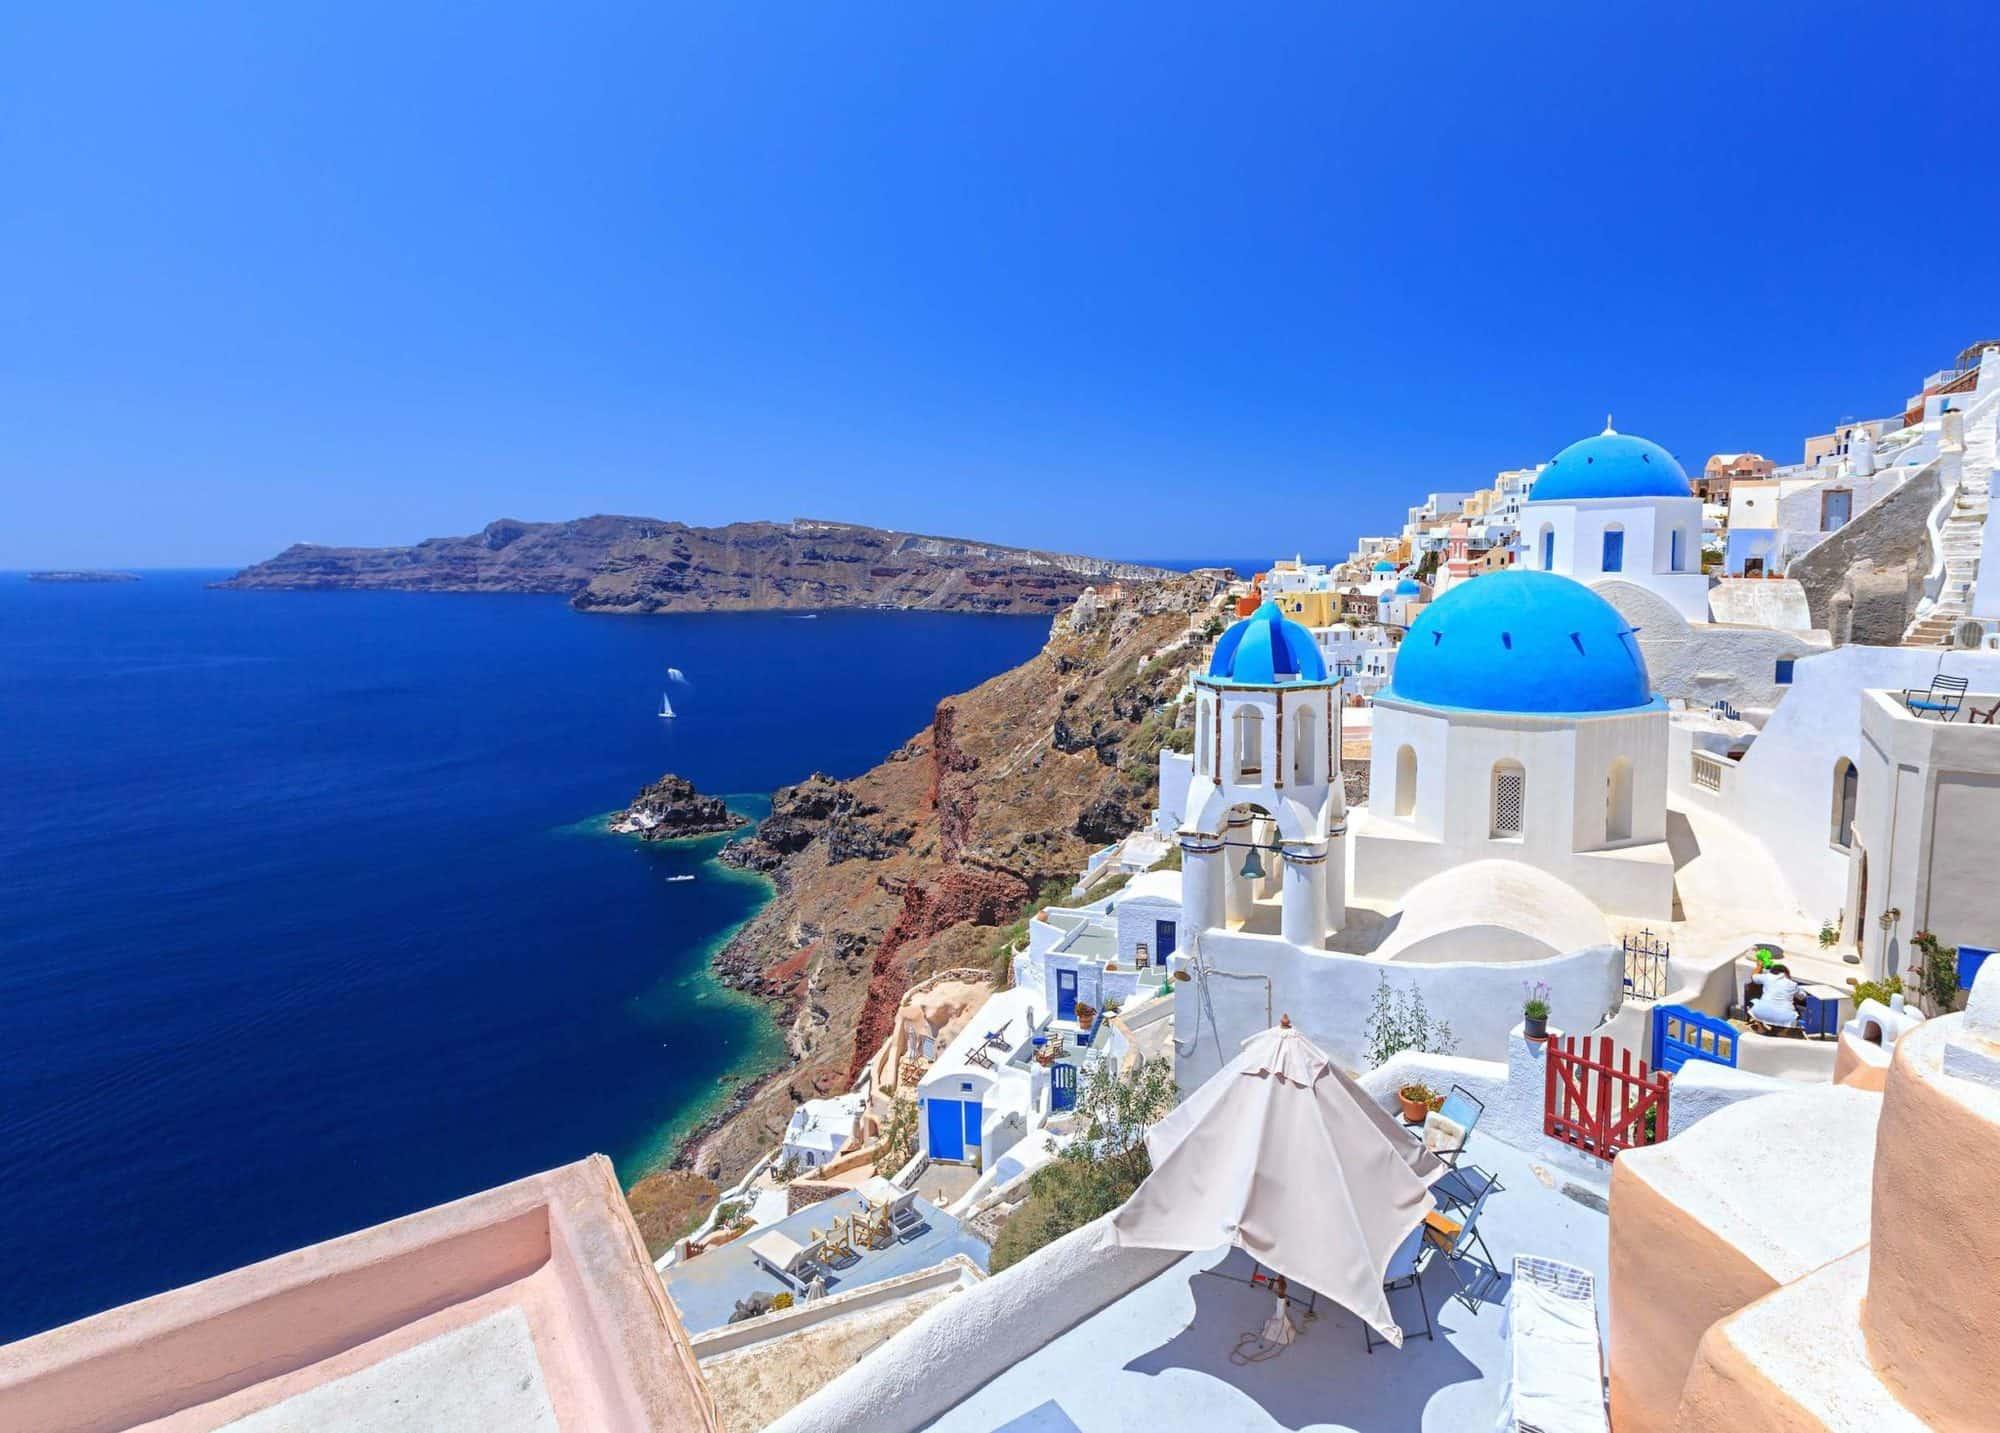 Остров Санторини. Кикладские острова, Греция.